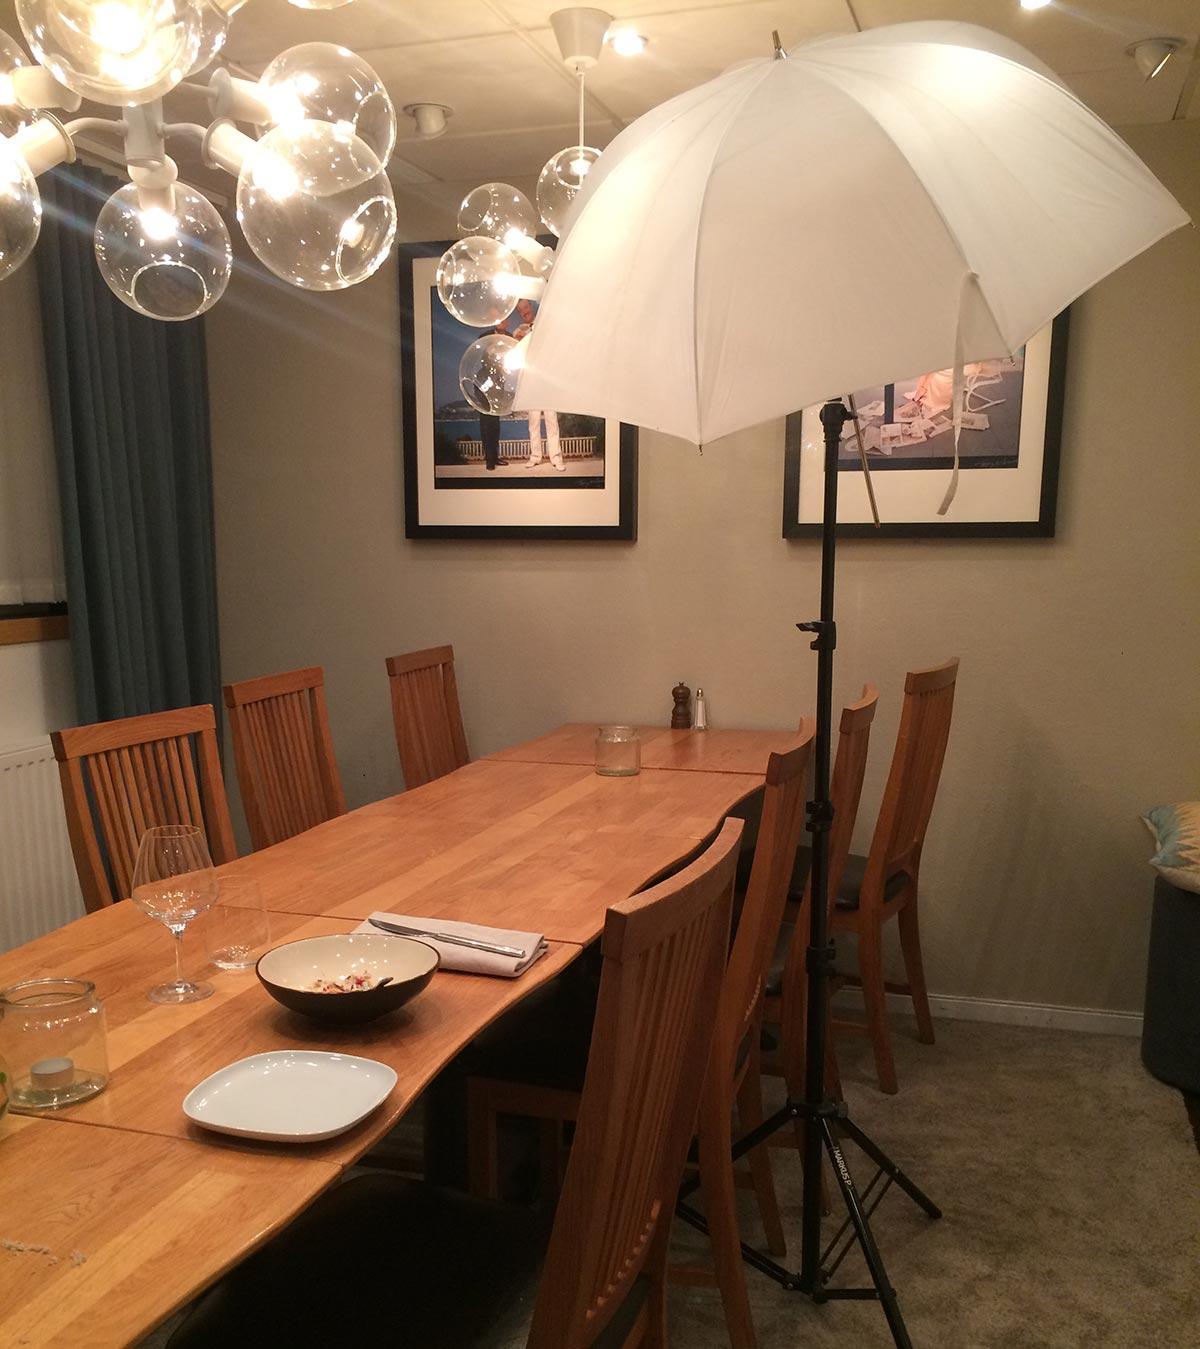 Enkel ljussättning för matfotografering, Fotograf Markus P i Örebro